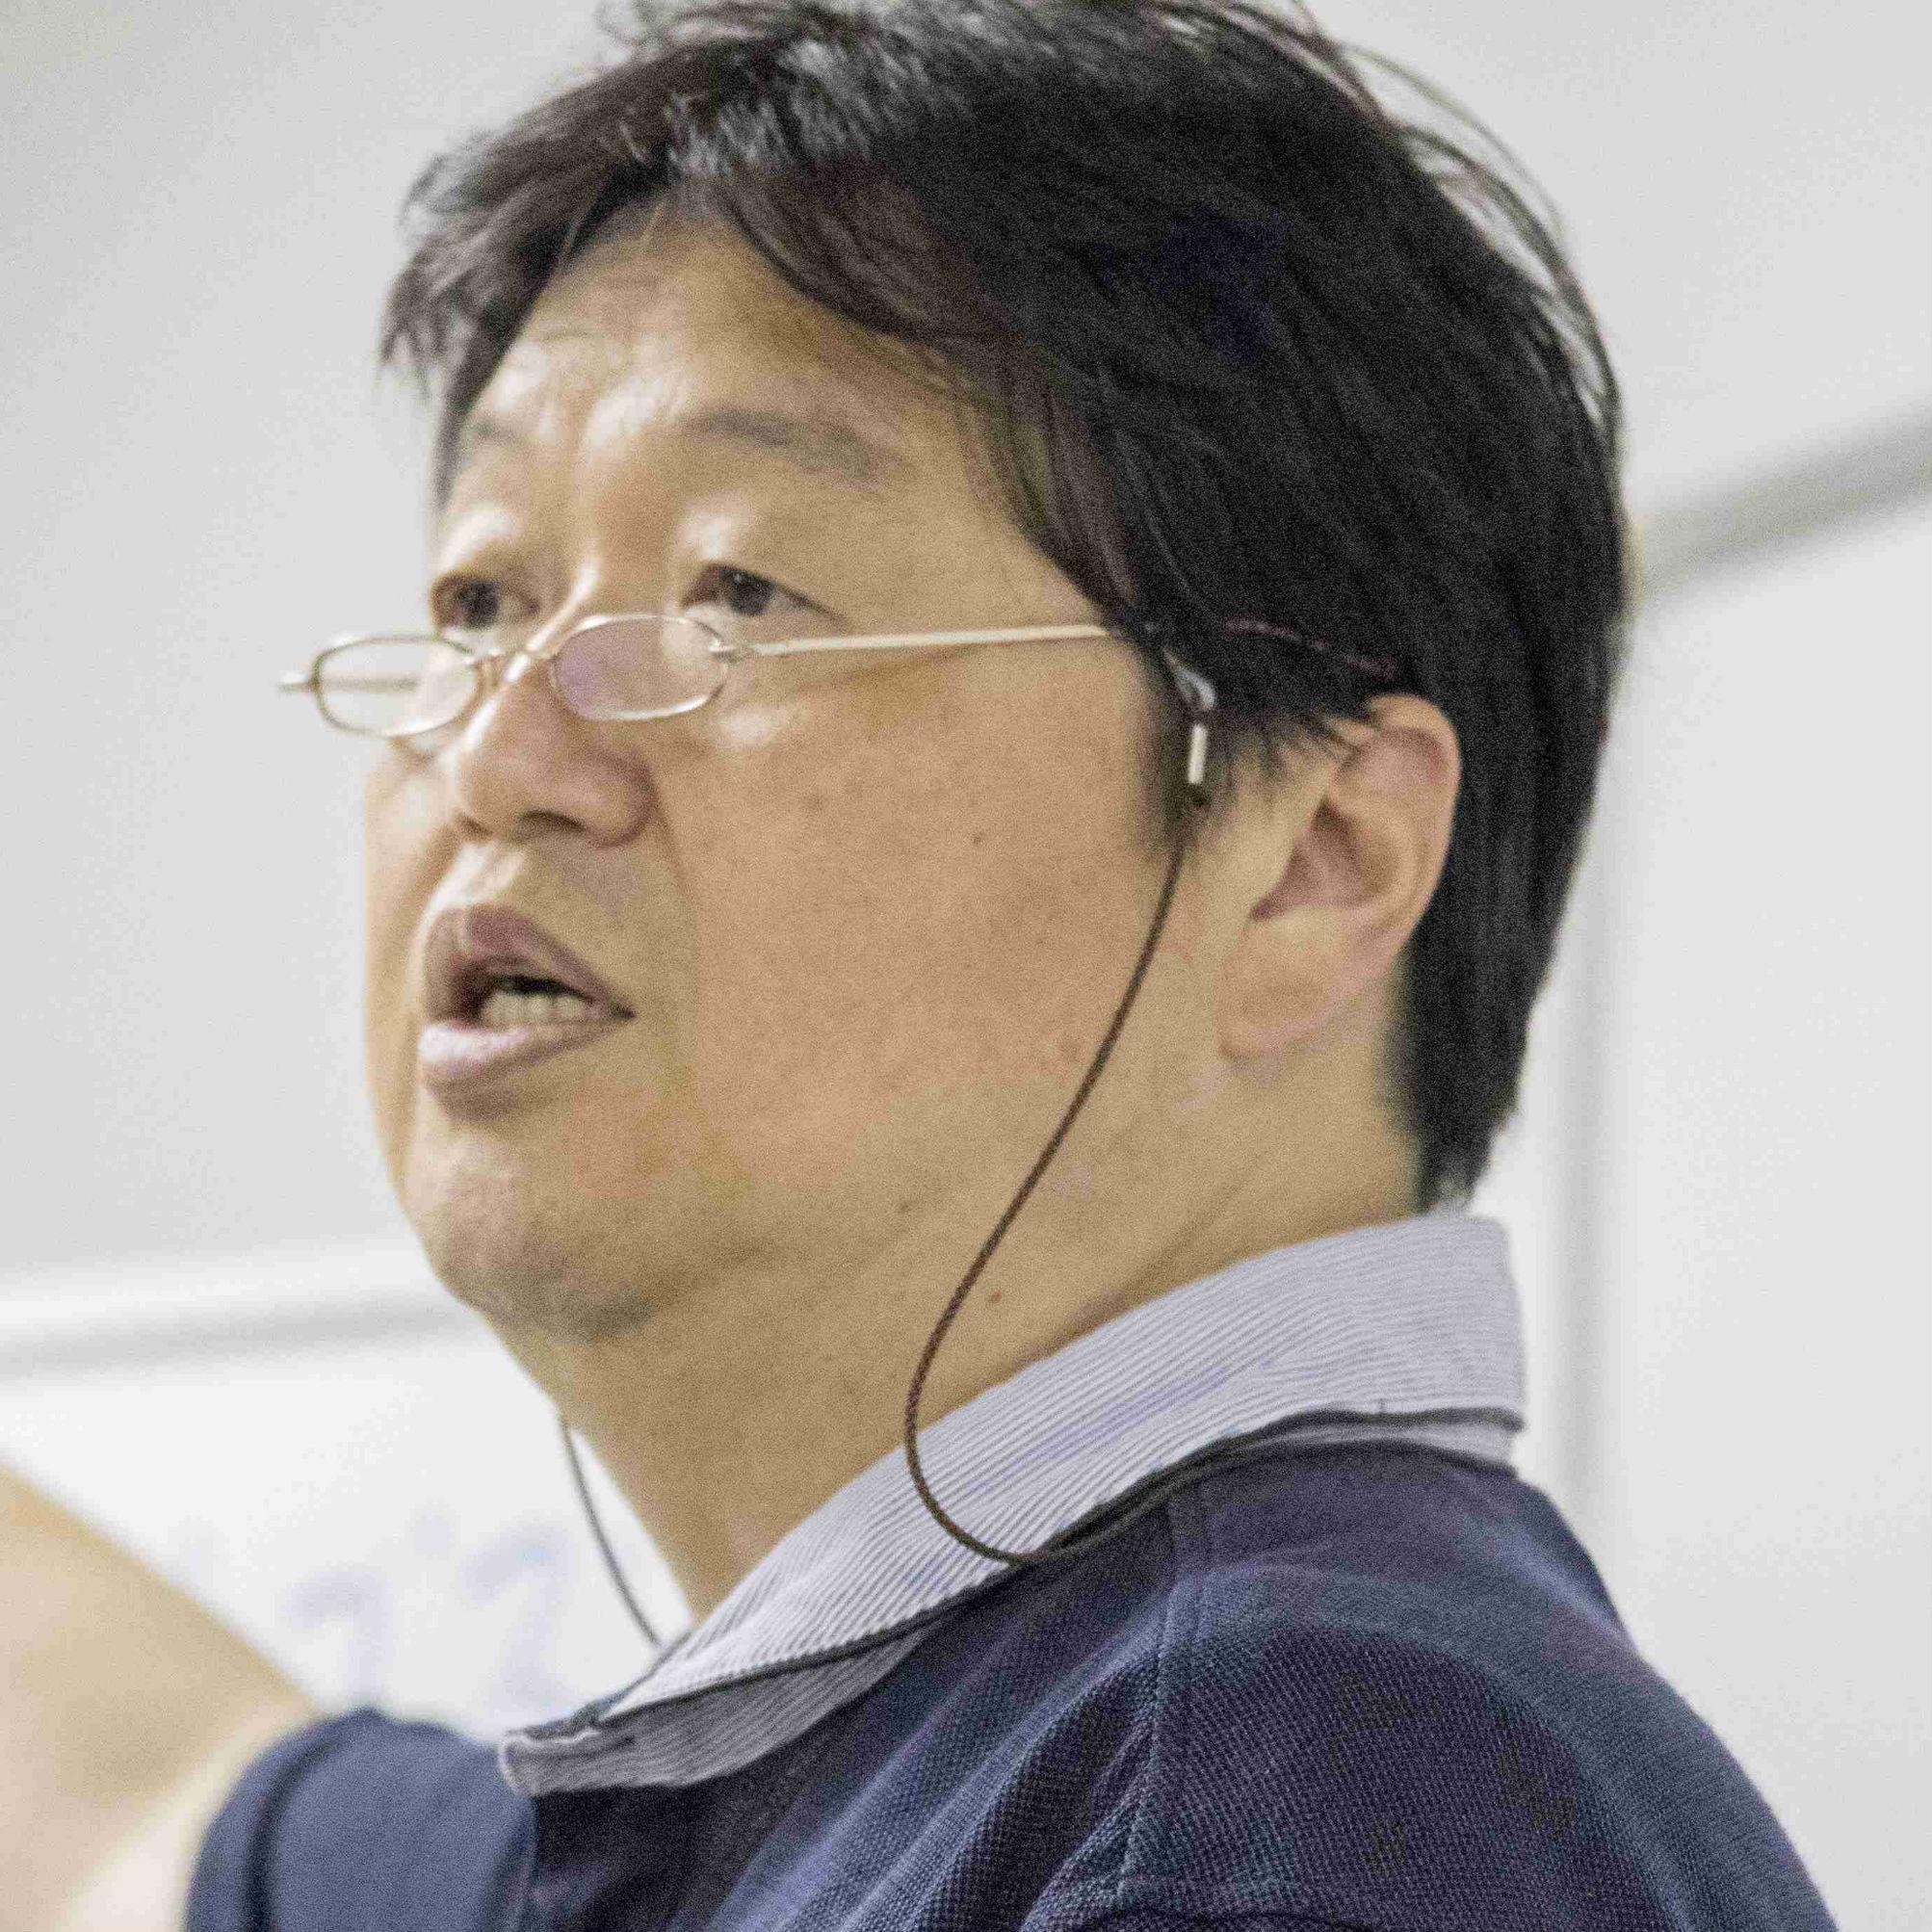 岡田斗司夫が語る、橋下徹のカリスマ性